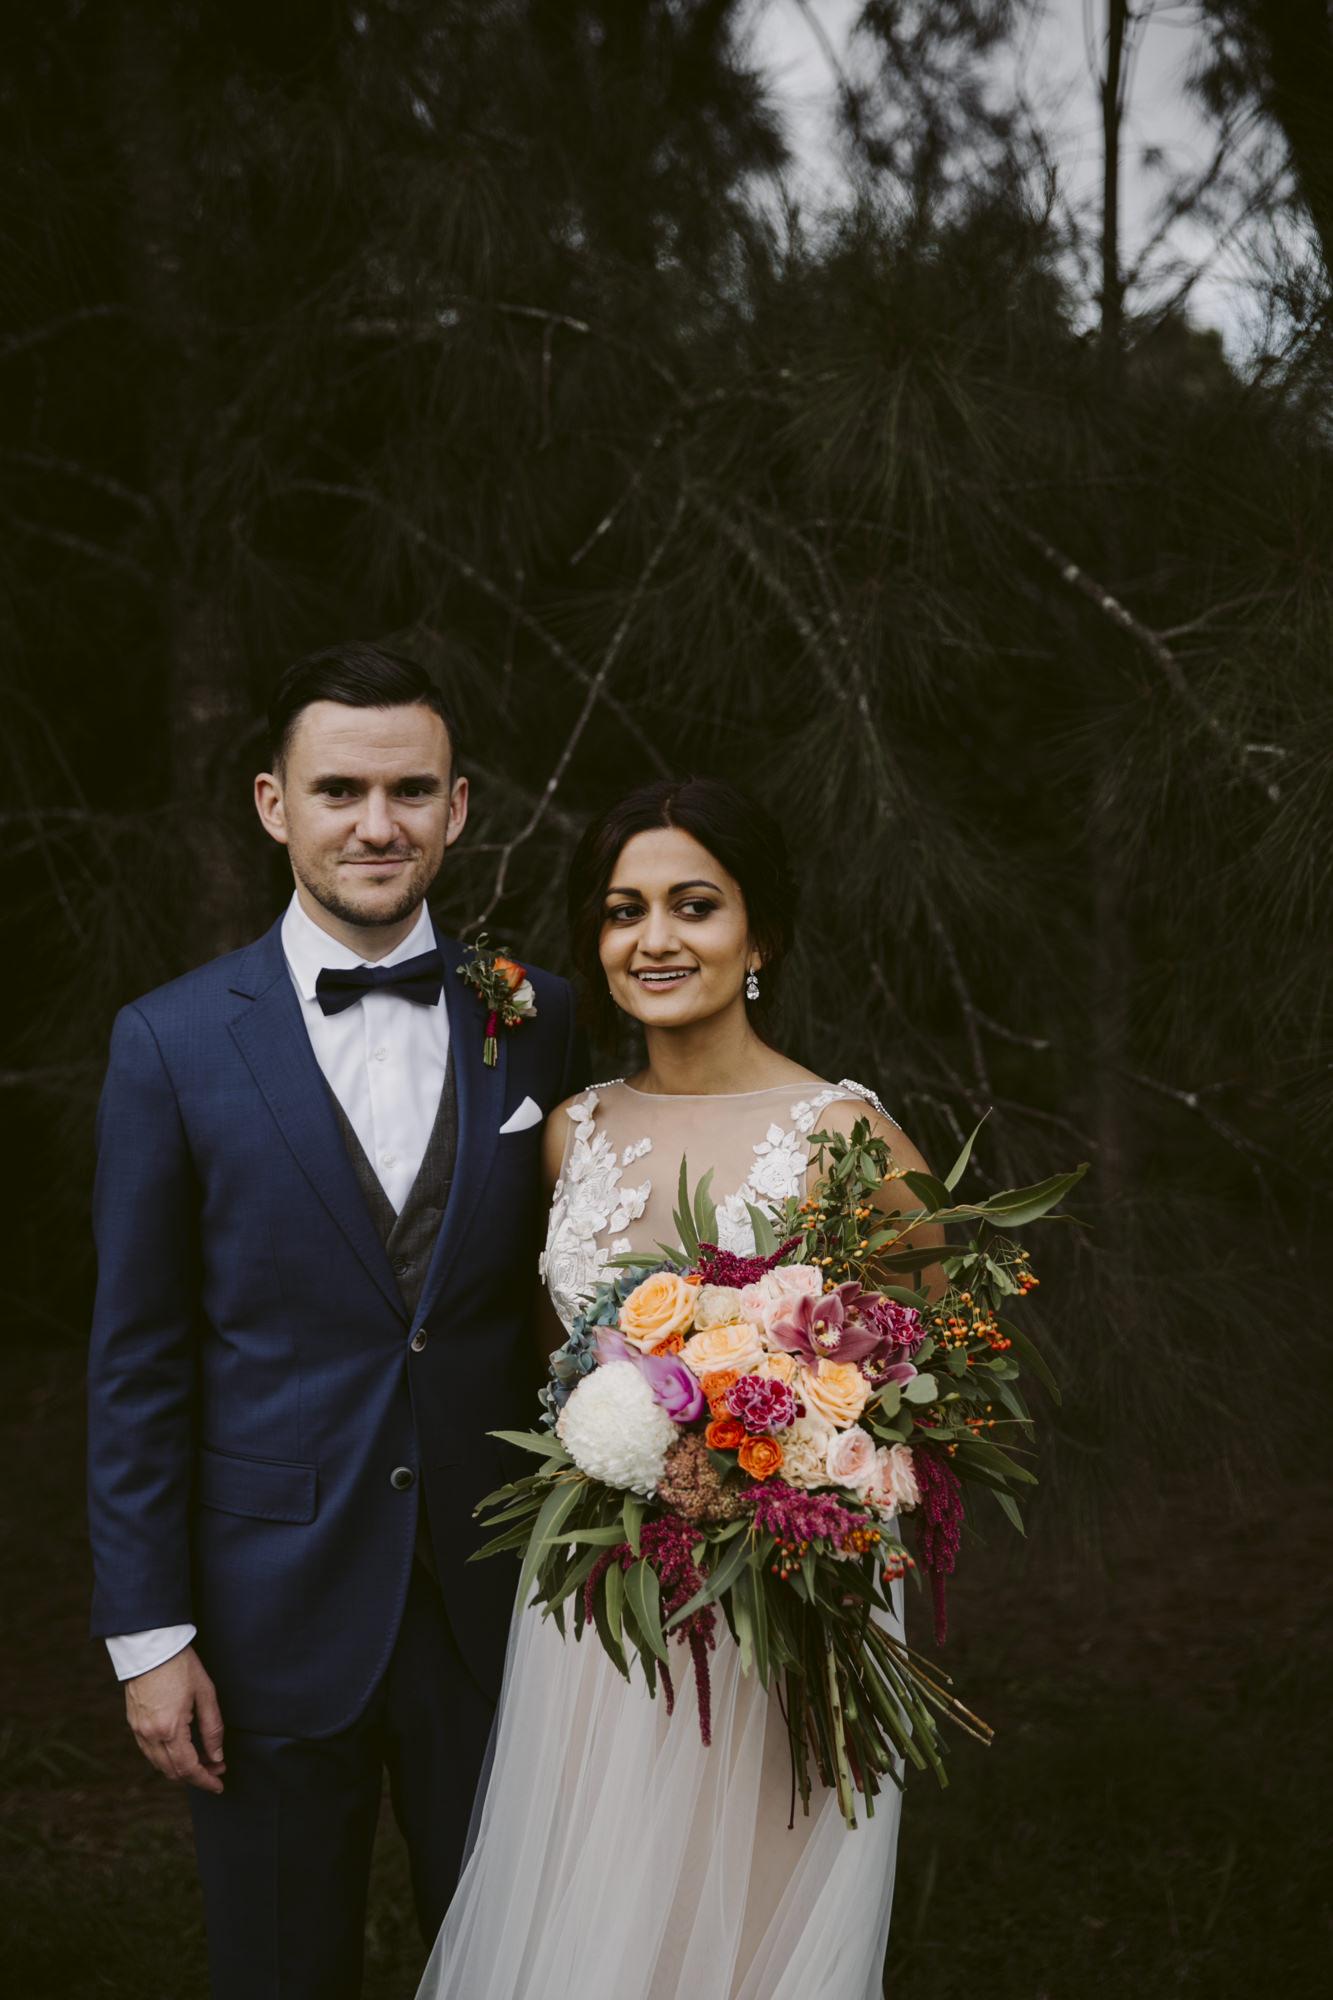 Anna Turner Sydney Wedding Photographer-102.jpg